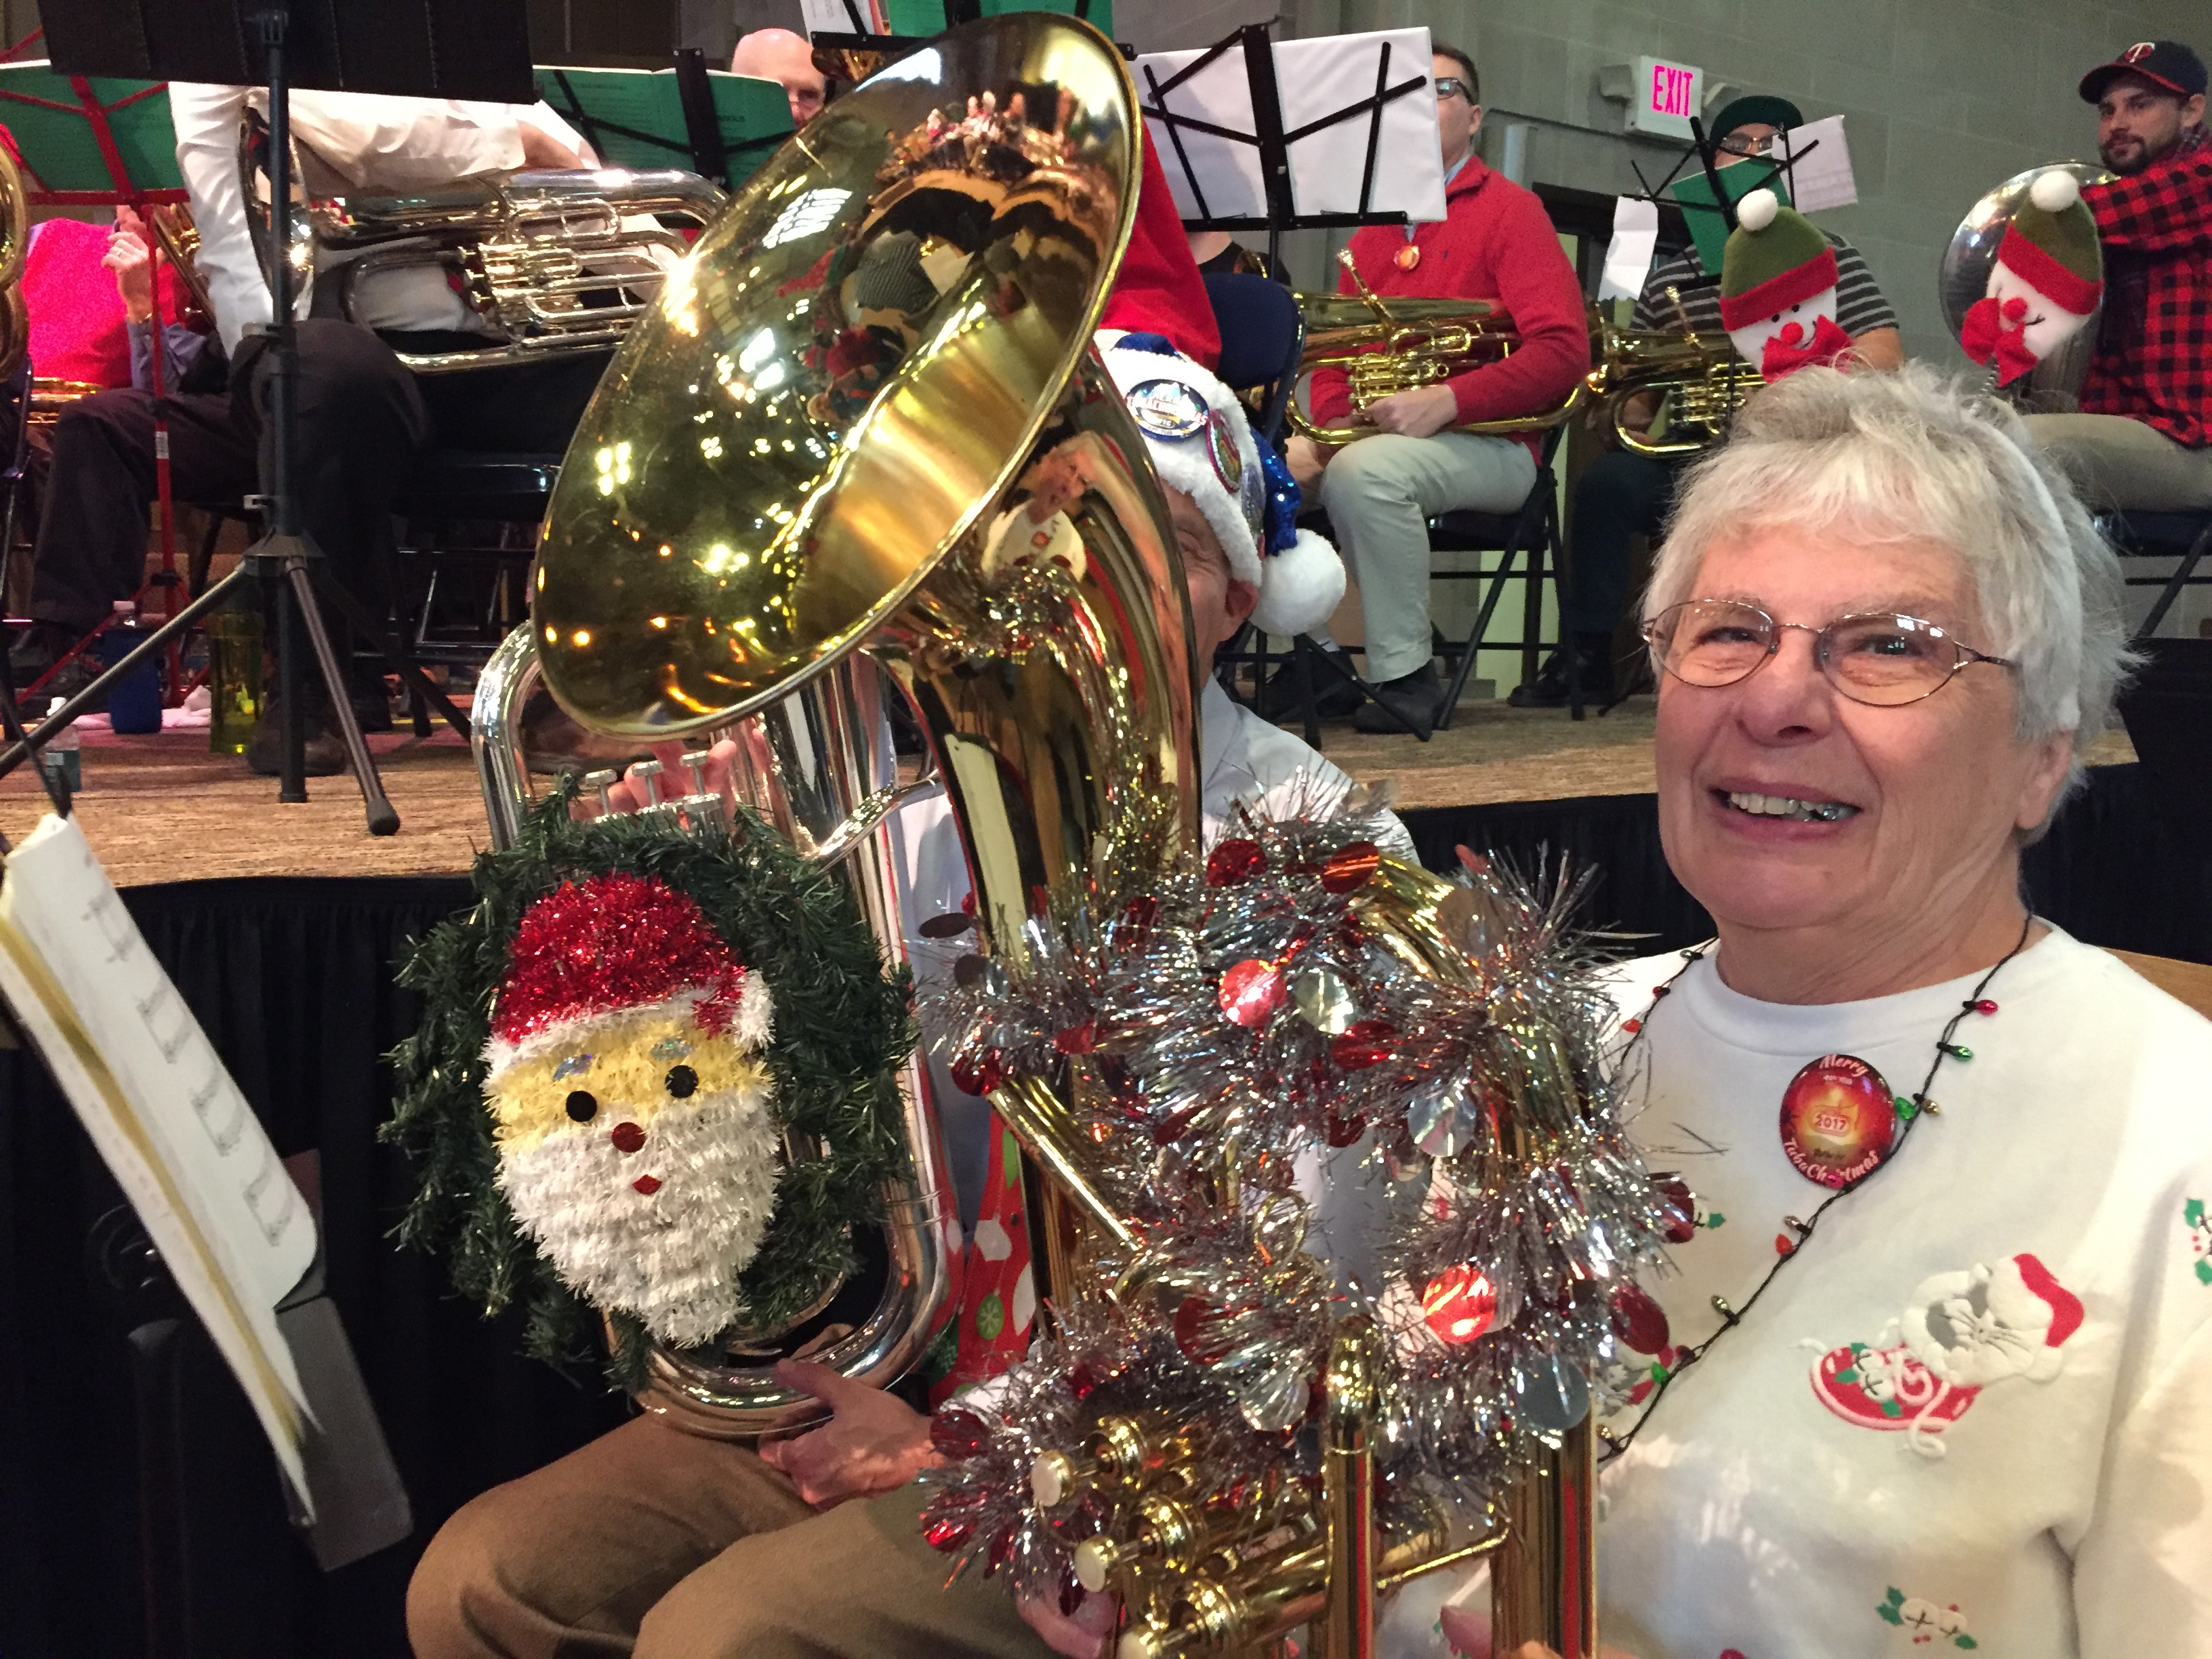 Tuba Christmas.Tuba Christmas 2018 In Northfield Save The Date Vintage